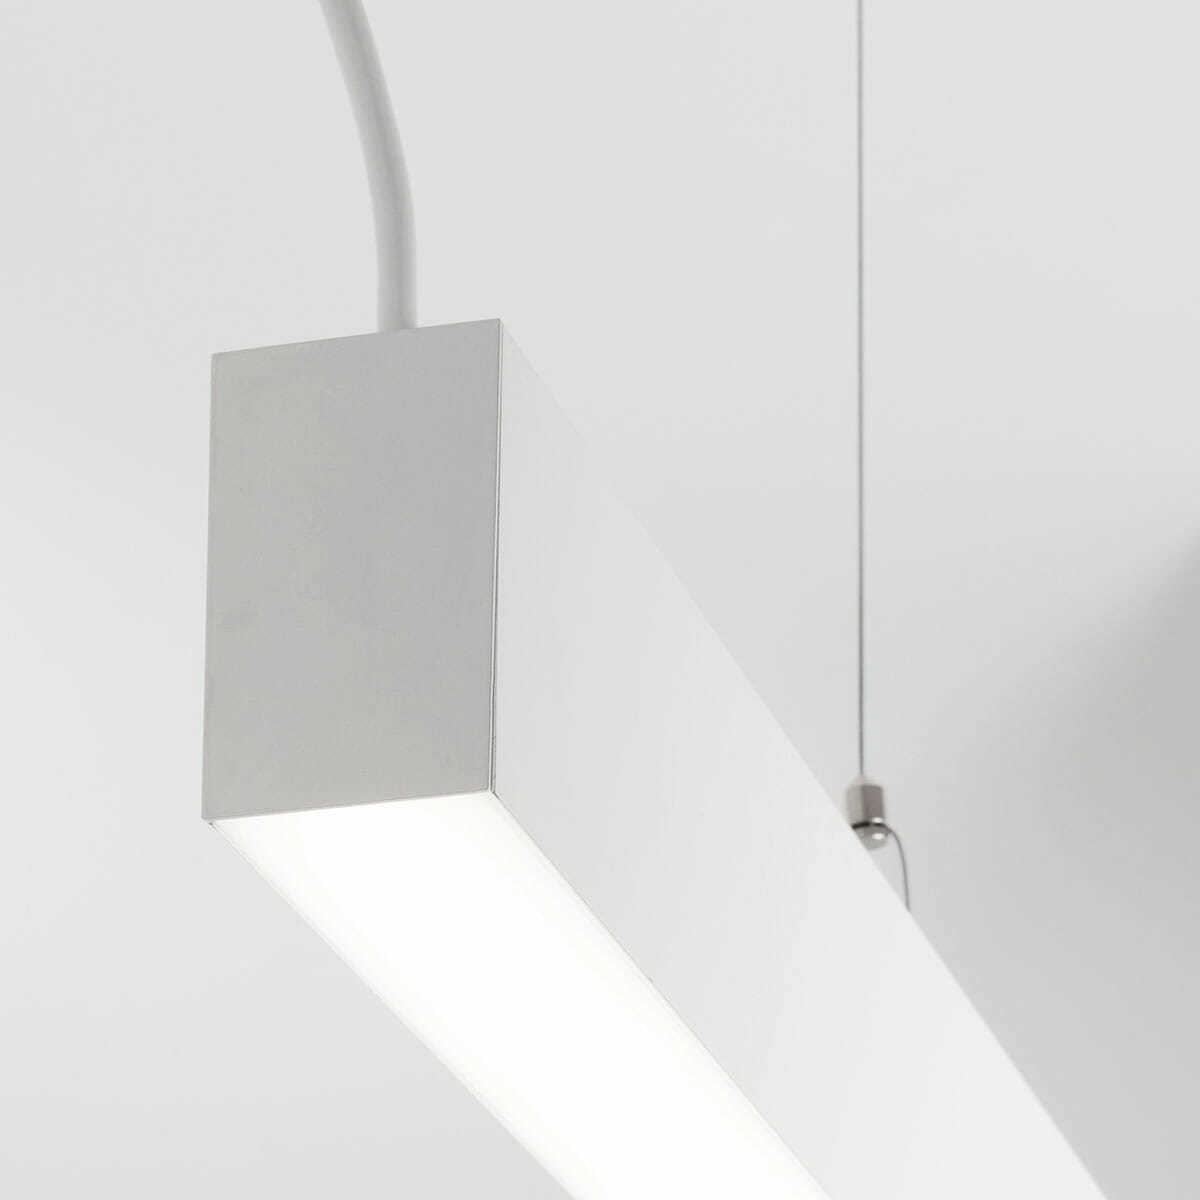 Sistema illuminazione sospesa led modulare e componibile in varie potenze